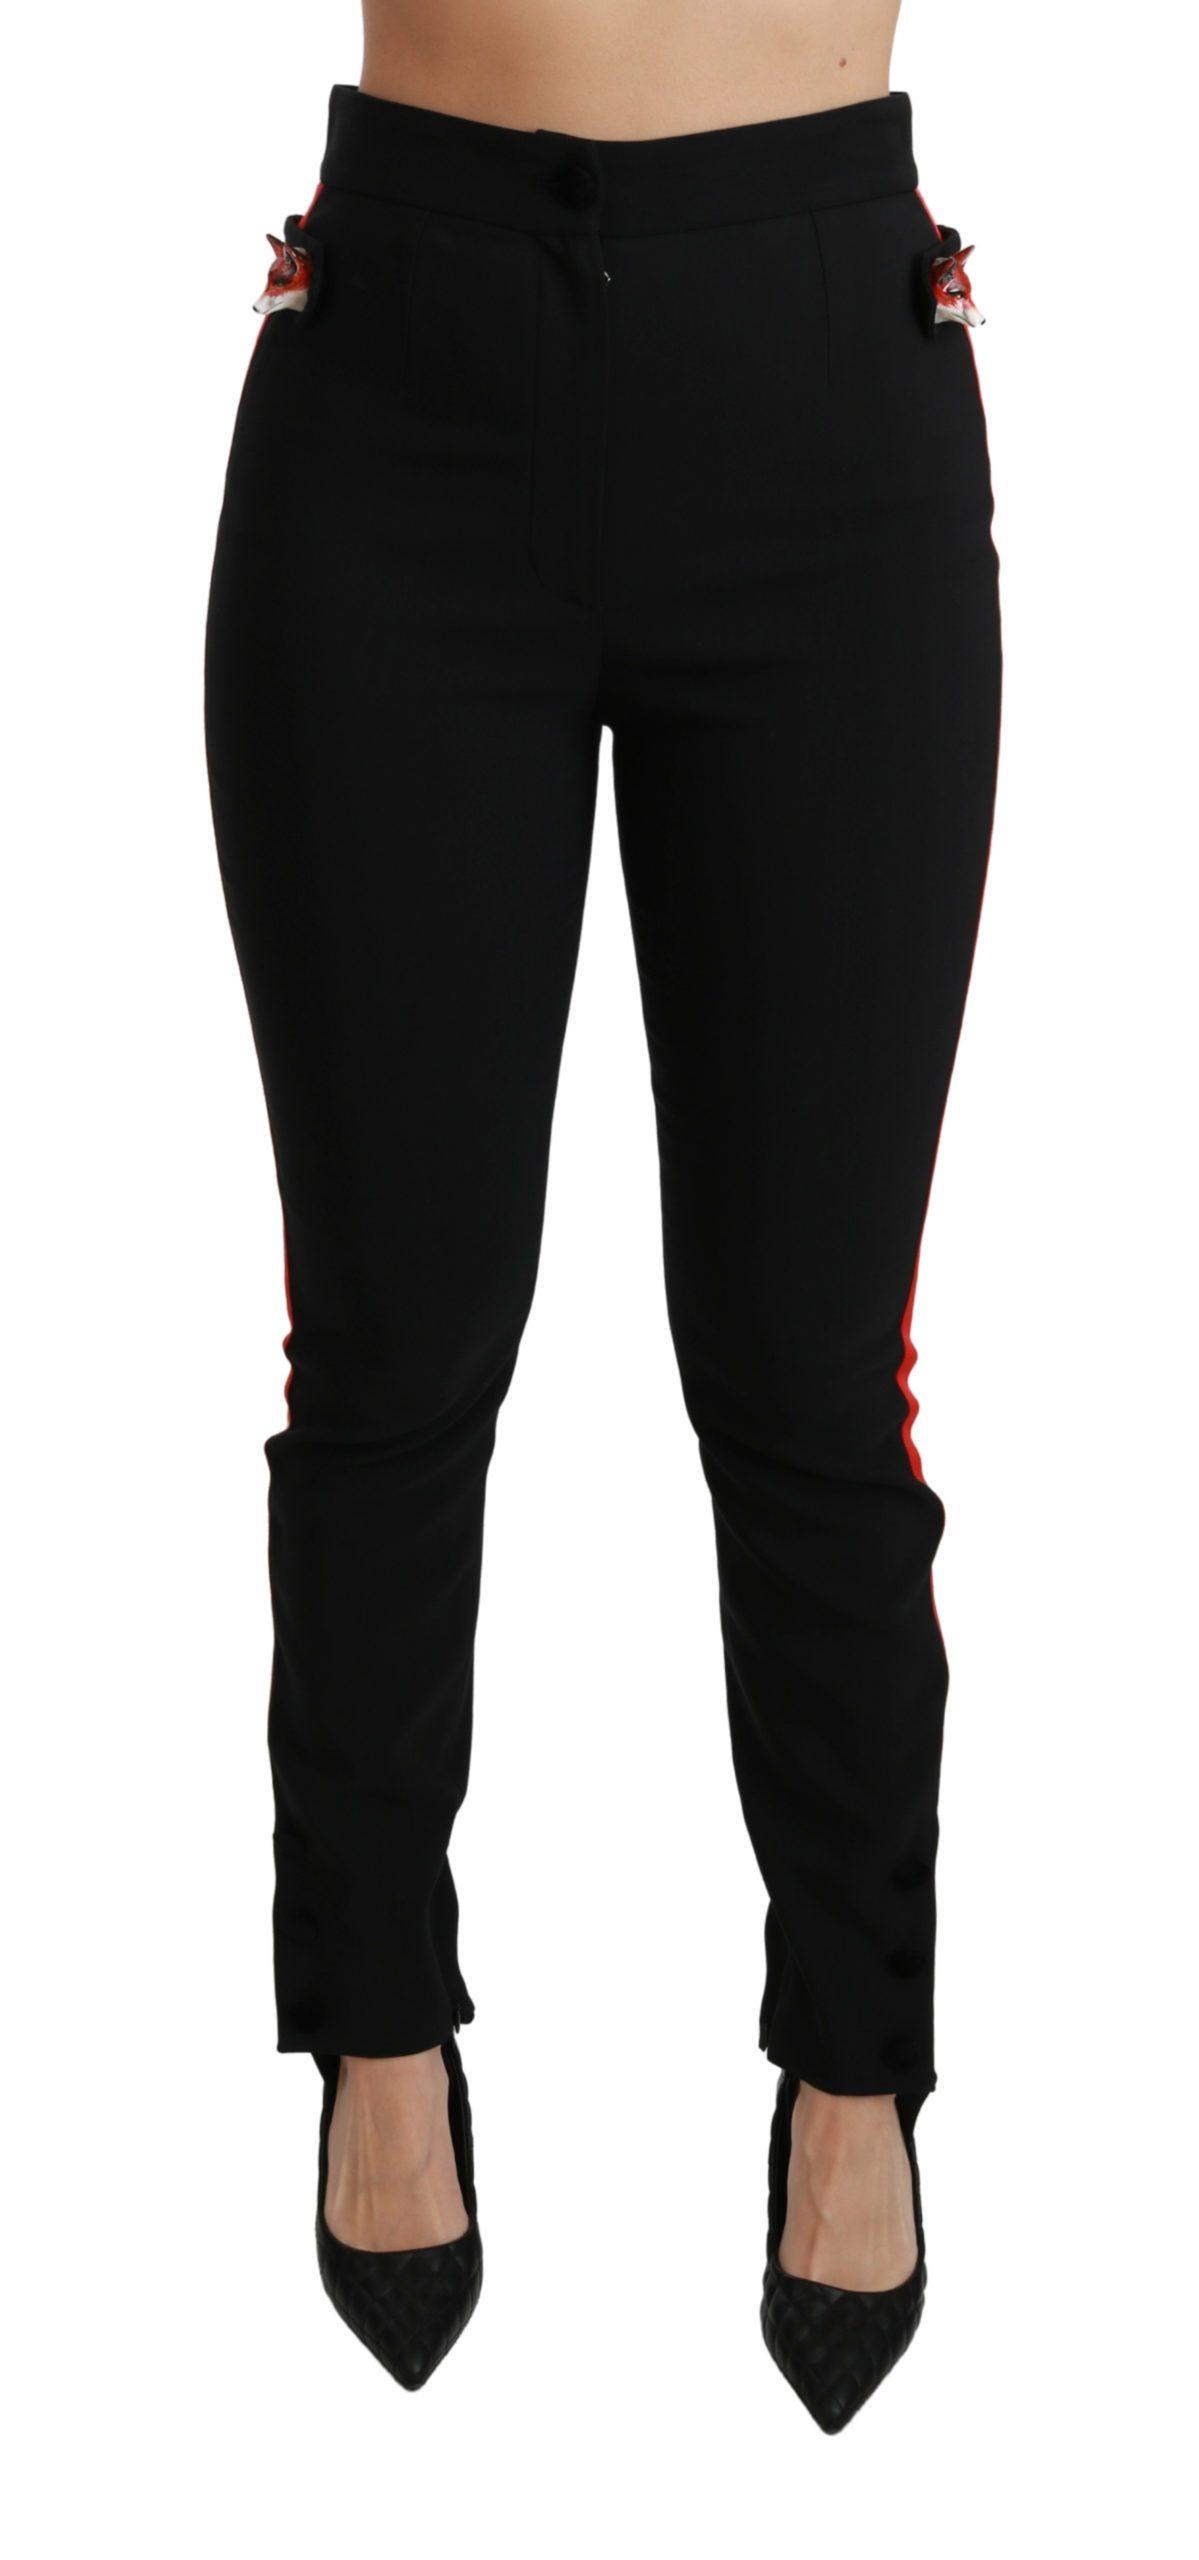 Dolce & Gabbana Women's Skinny Stretch Cotton Trouser Black PAN70896 - IT36 | XS